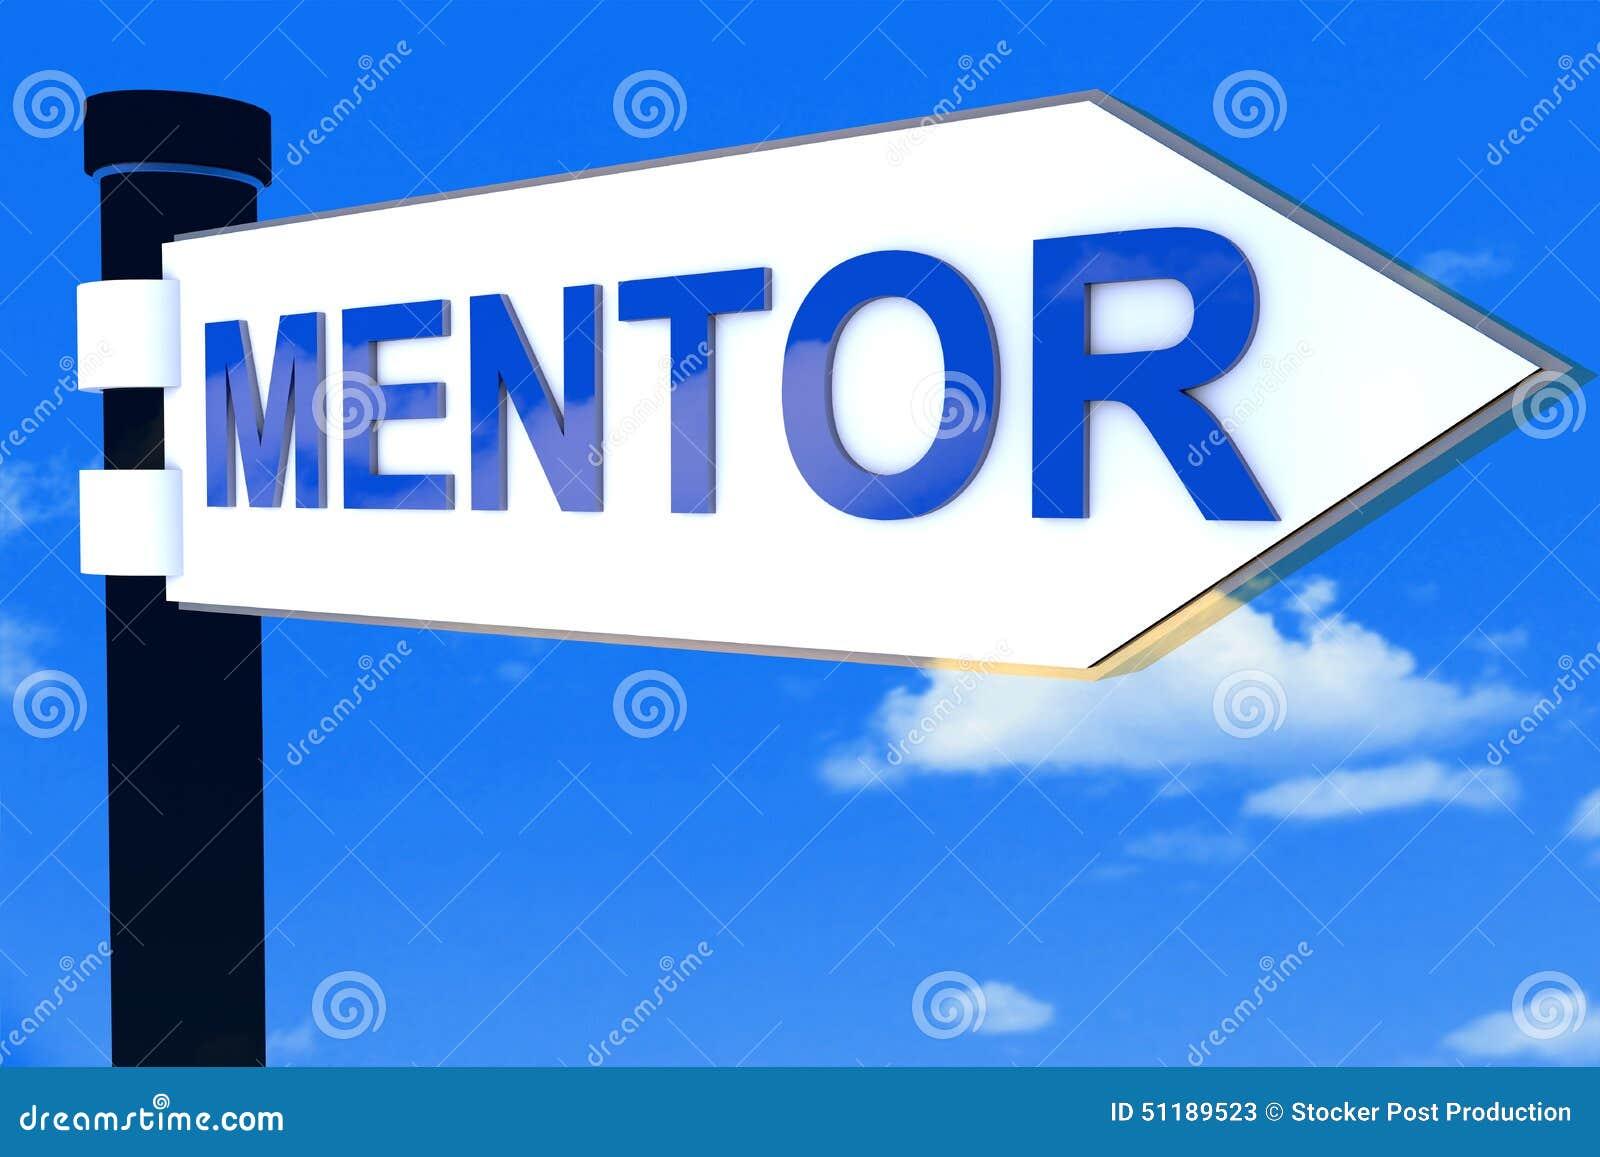 De richtingsteken van de mentorweg